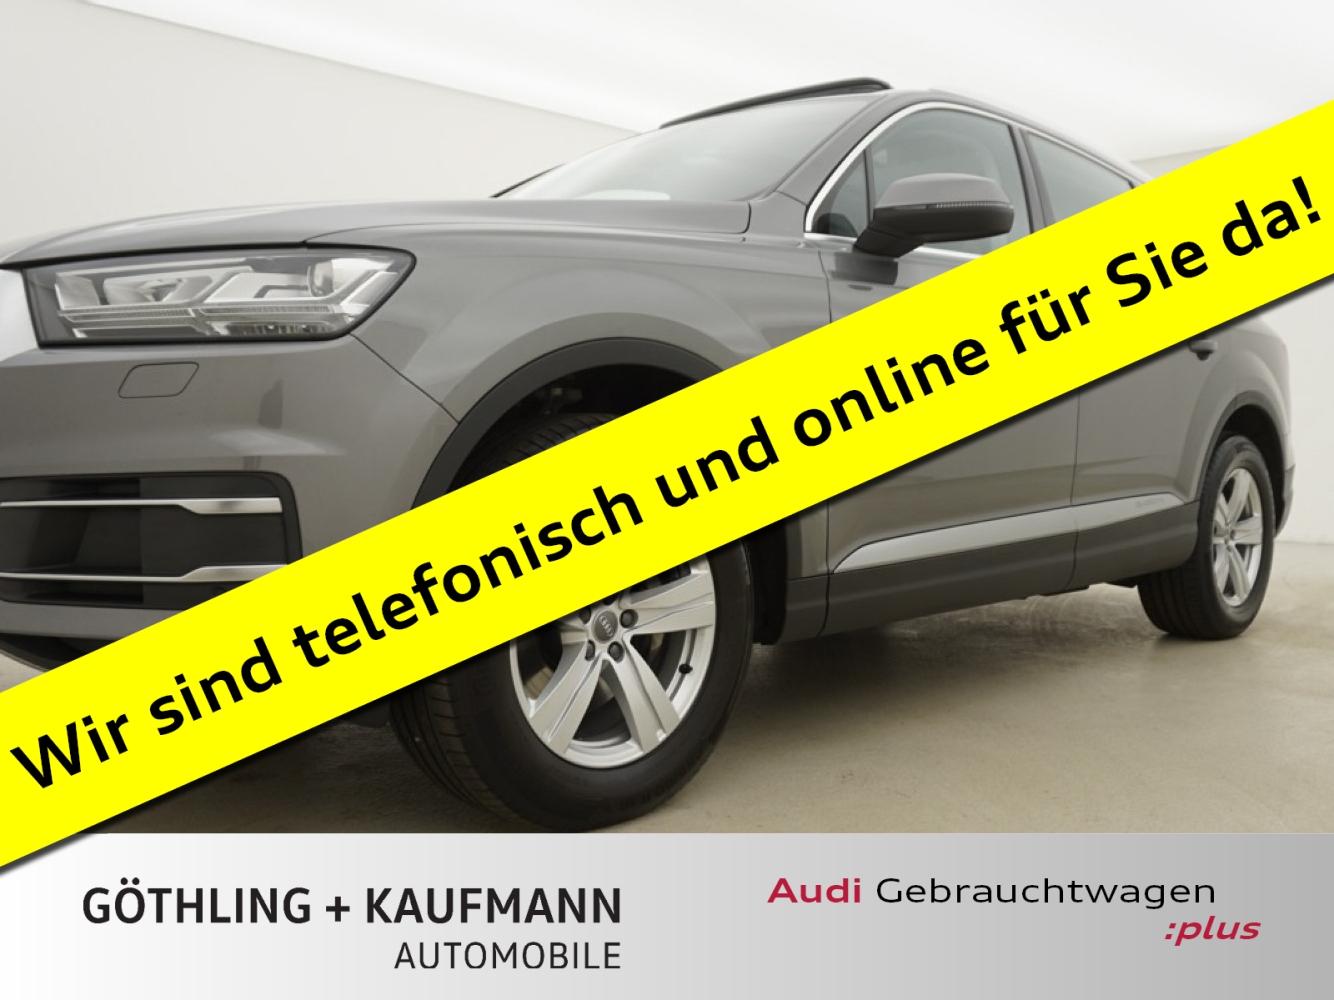 Audi Q7 3.0 TDI*200 kW*Pano*LED*Navi+*Keyless*PDC+*Al, Jahr 2016, Diesel